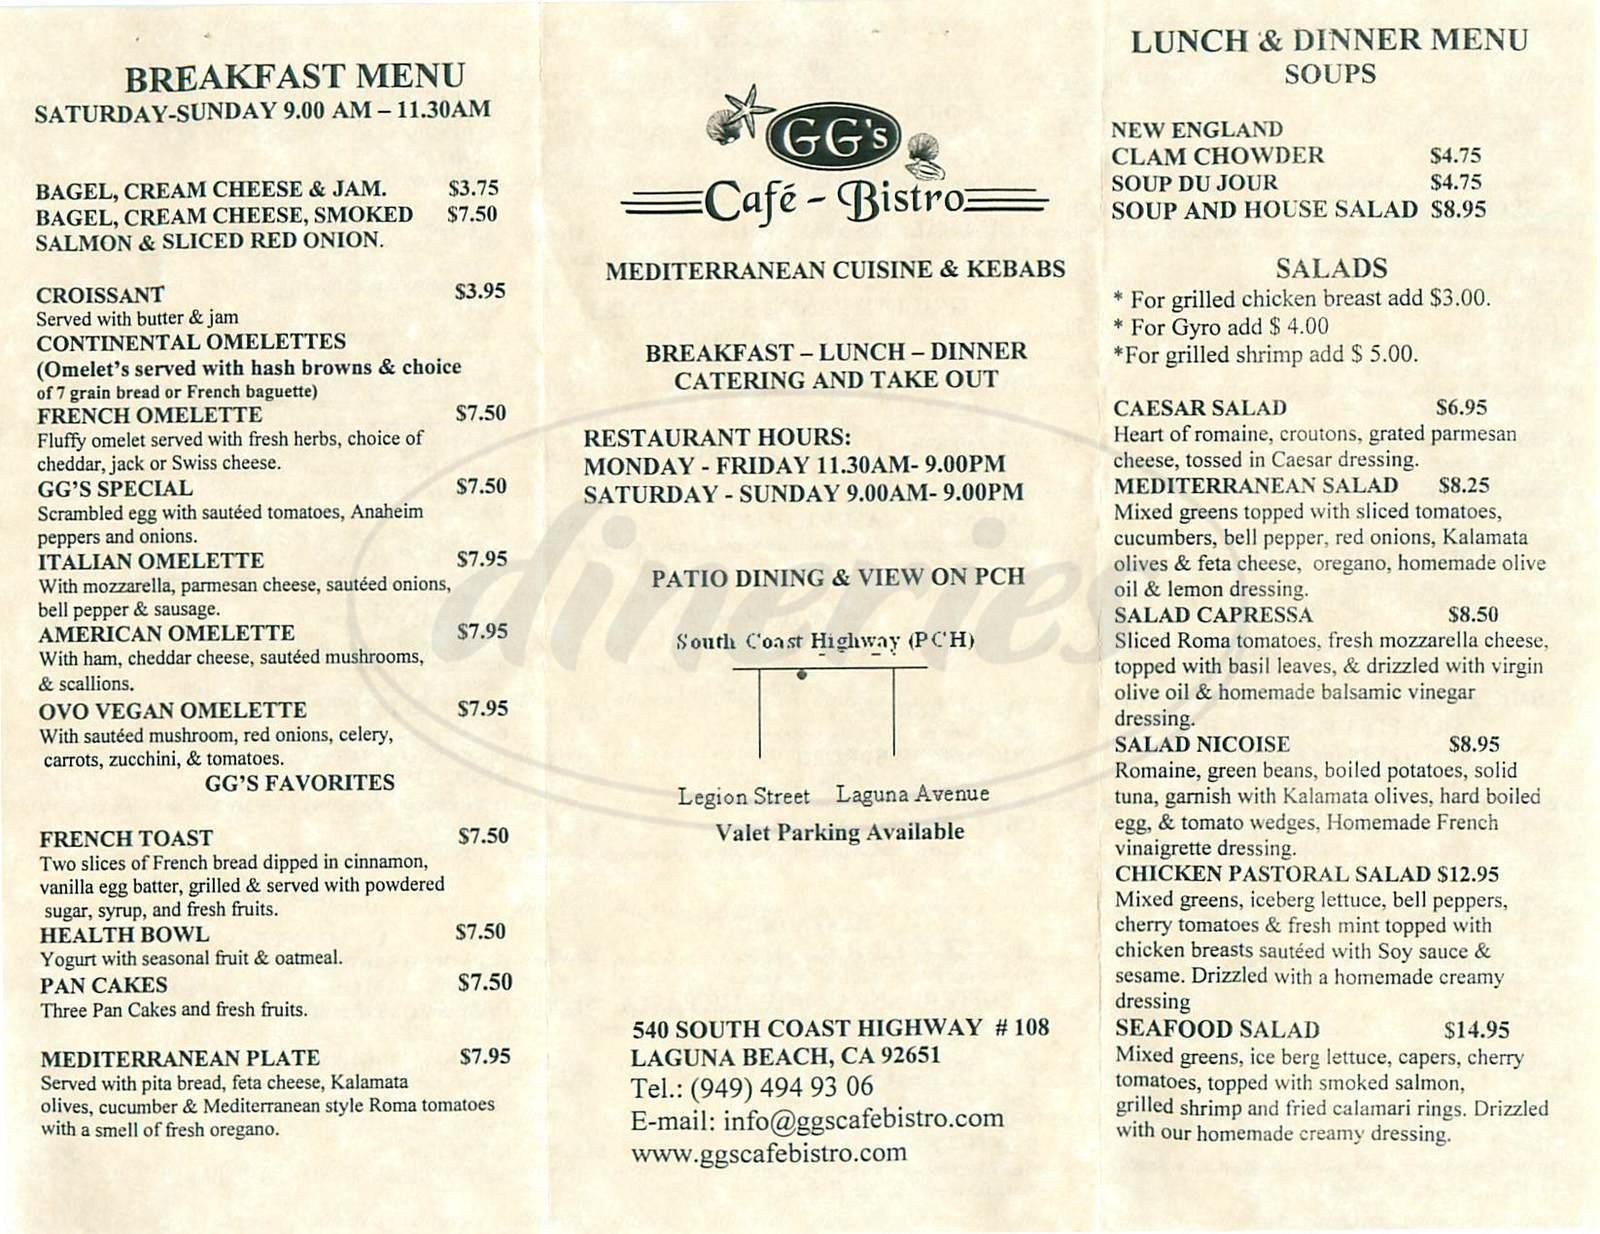 menu for GG's Café Bistro